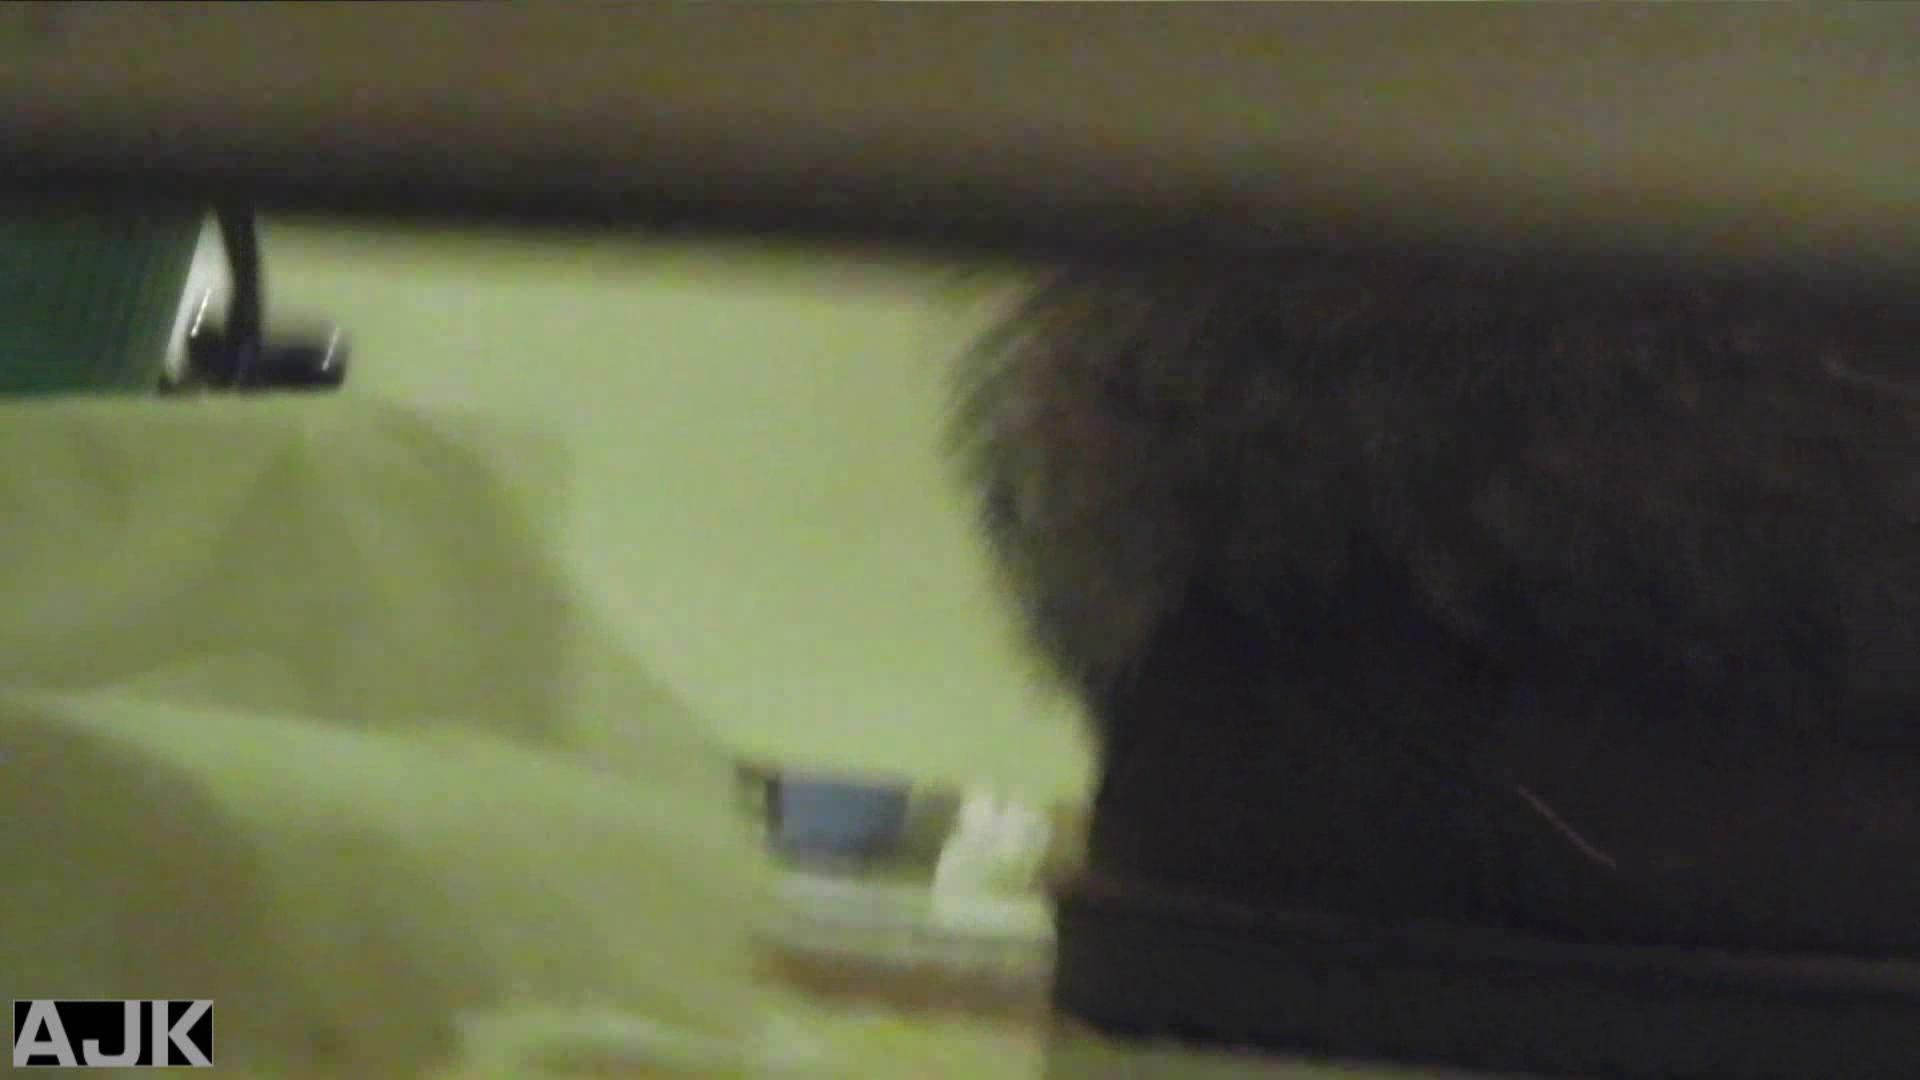 神降臨!史上最強の潜入かわや! vol.16 モロだしオマンコ すけべAV動画紹介 106pic 5